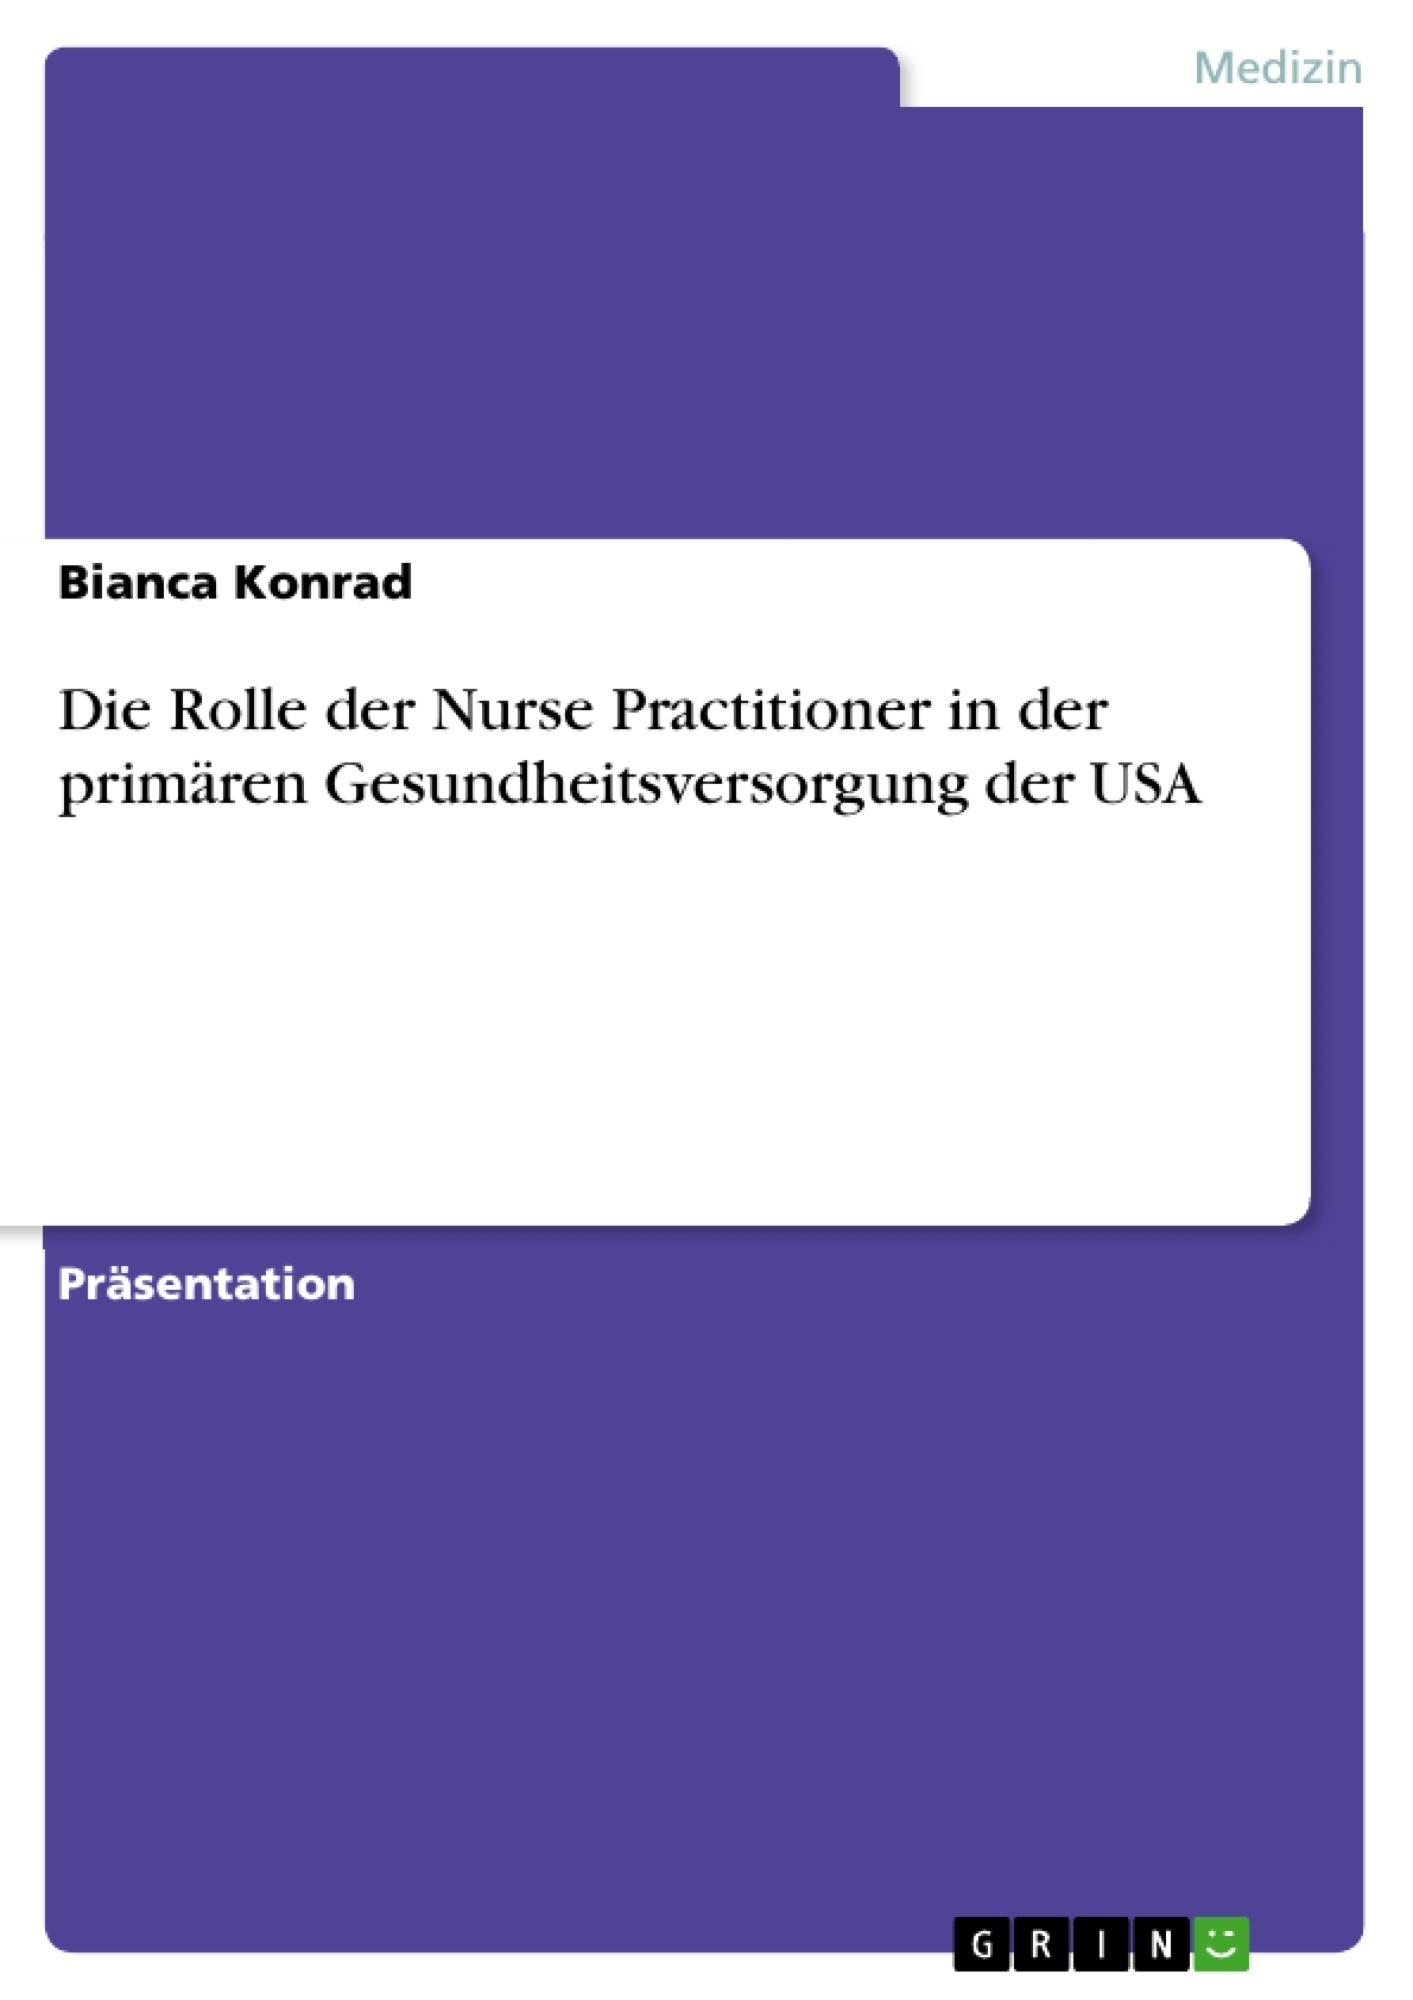 Titel: Die Rolle der Nurse Practitioner in der primären Gesundheitsversorgung der USA